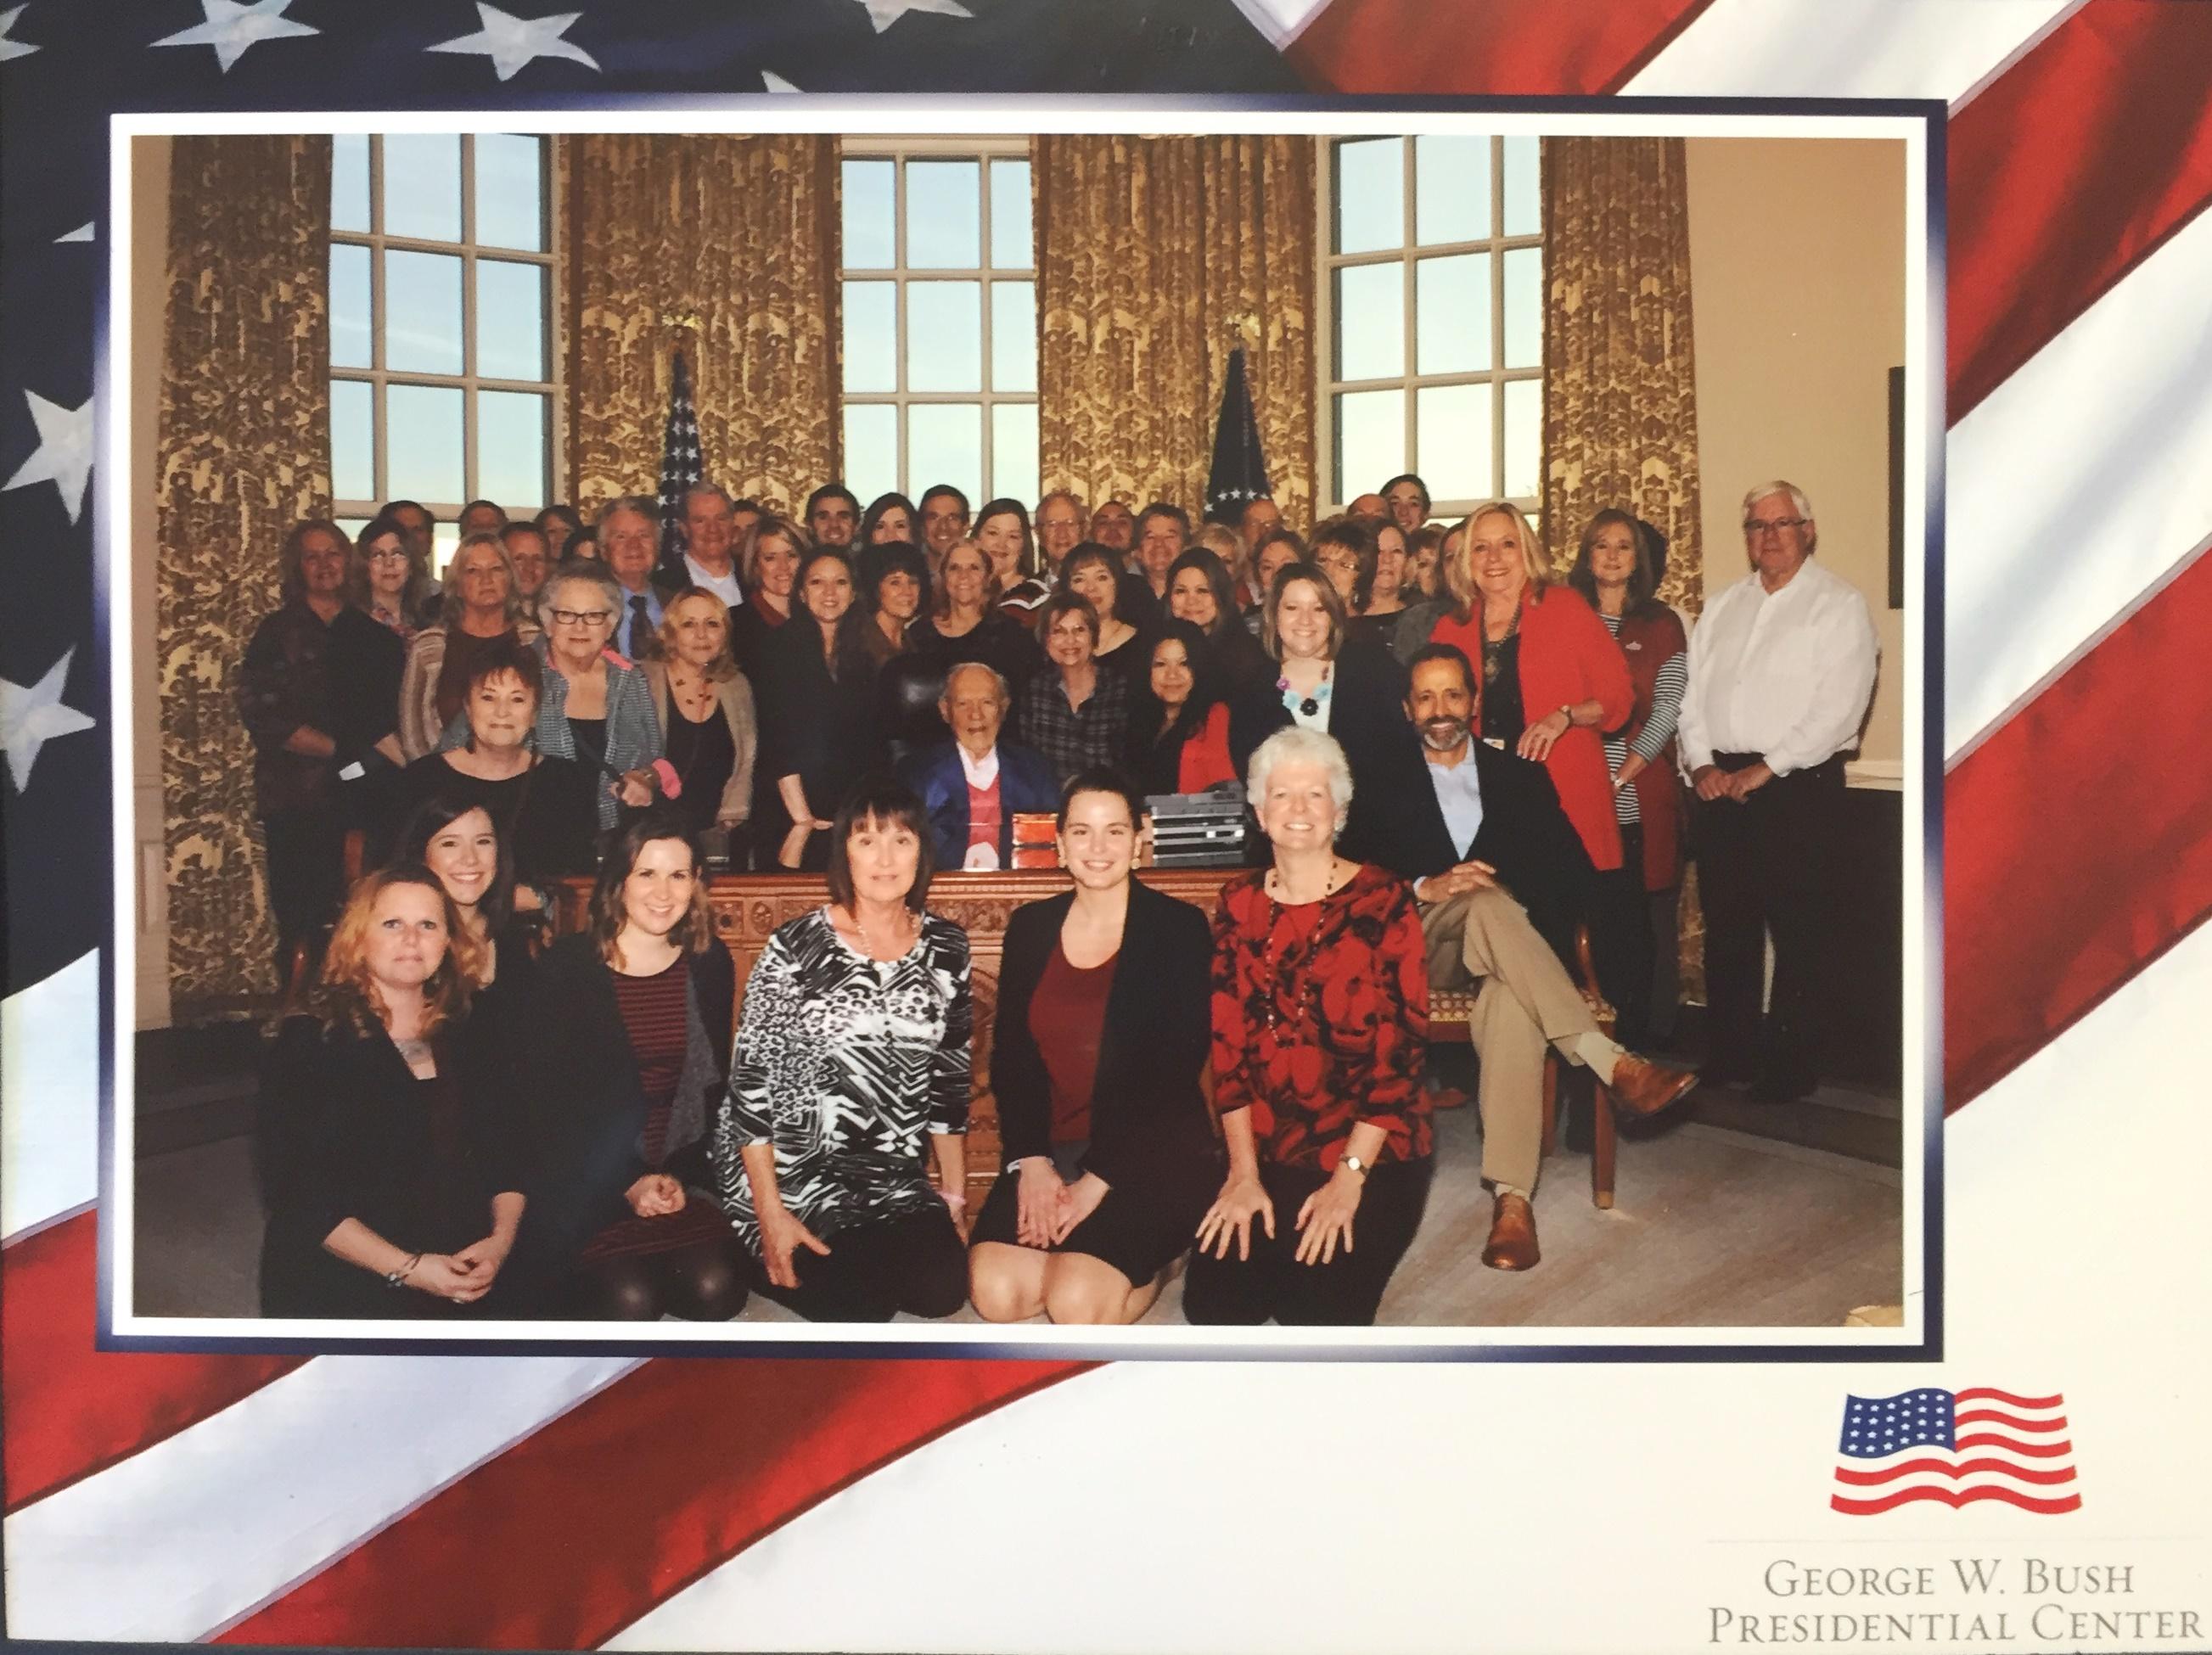 Oval Office - Leroy Howard